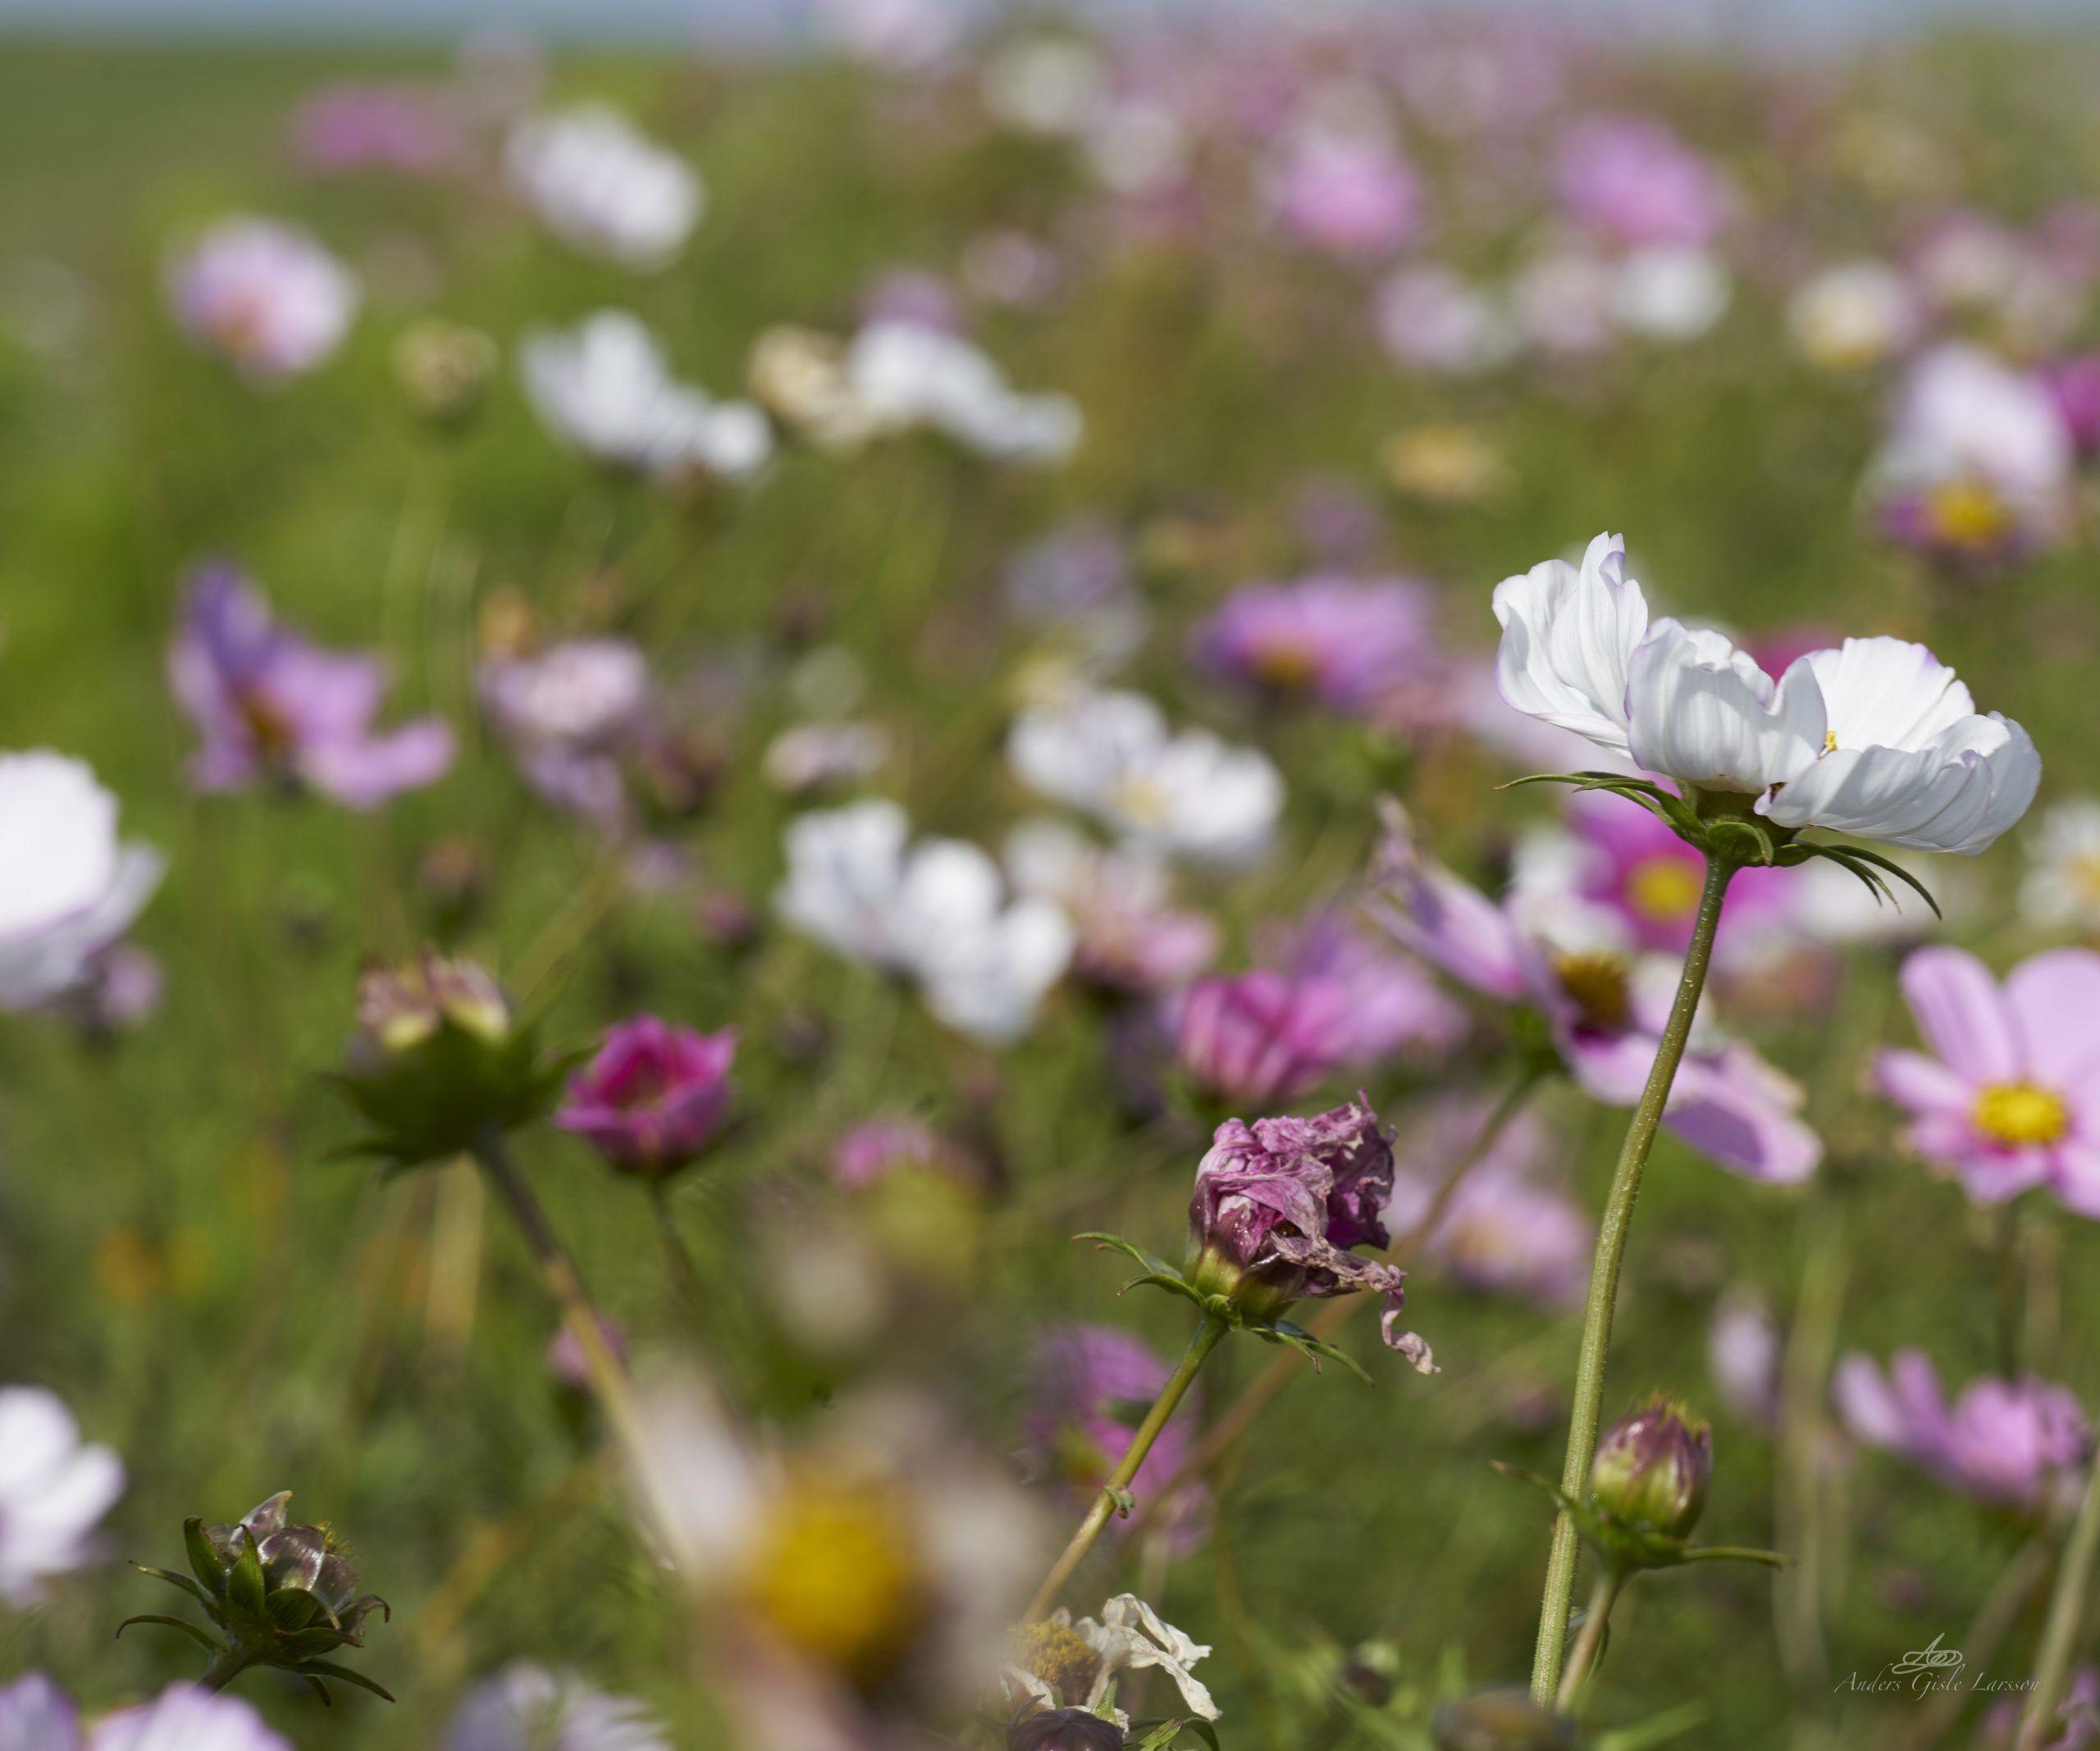 Field flowers in October, 274/365, Uge 40, Mejlby, Aarhus